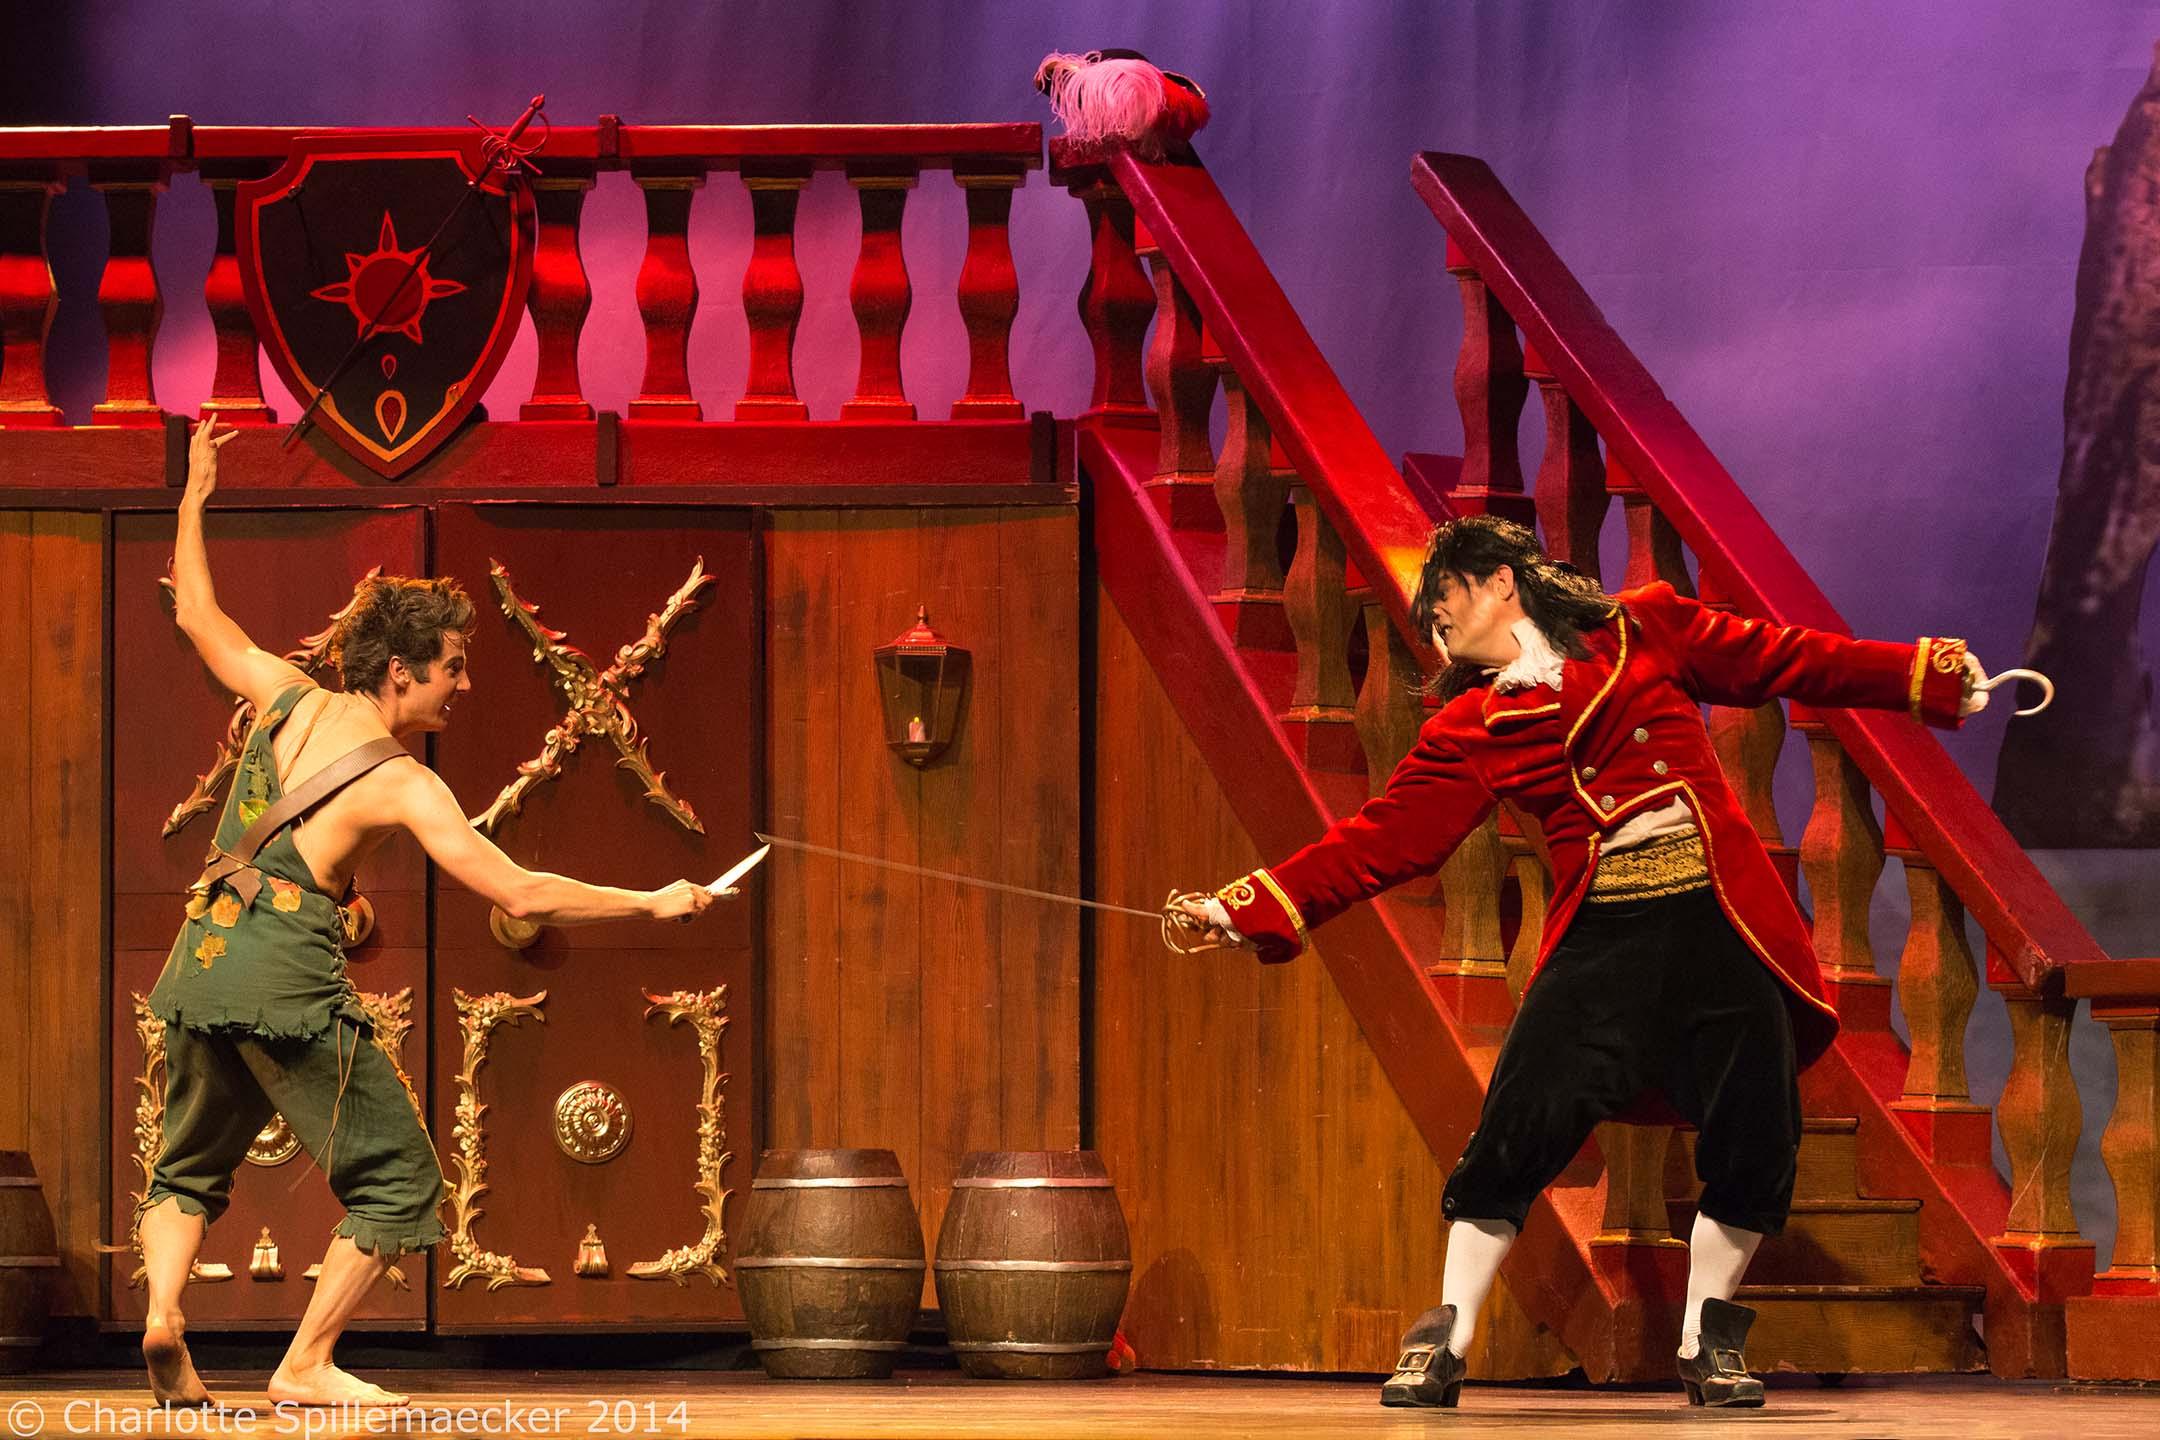 La bataille entre peter pan et le capitaine crochet - Image de peter pan ...